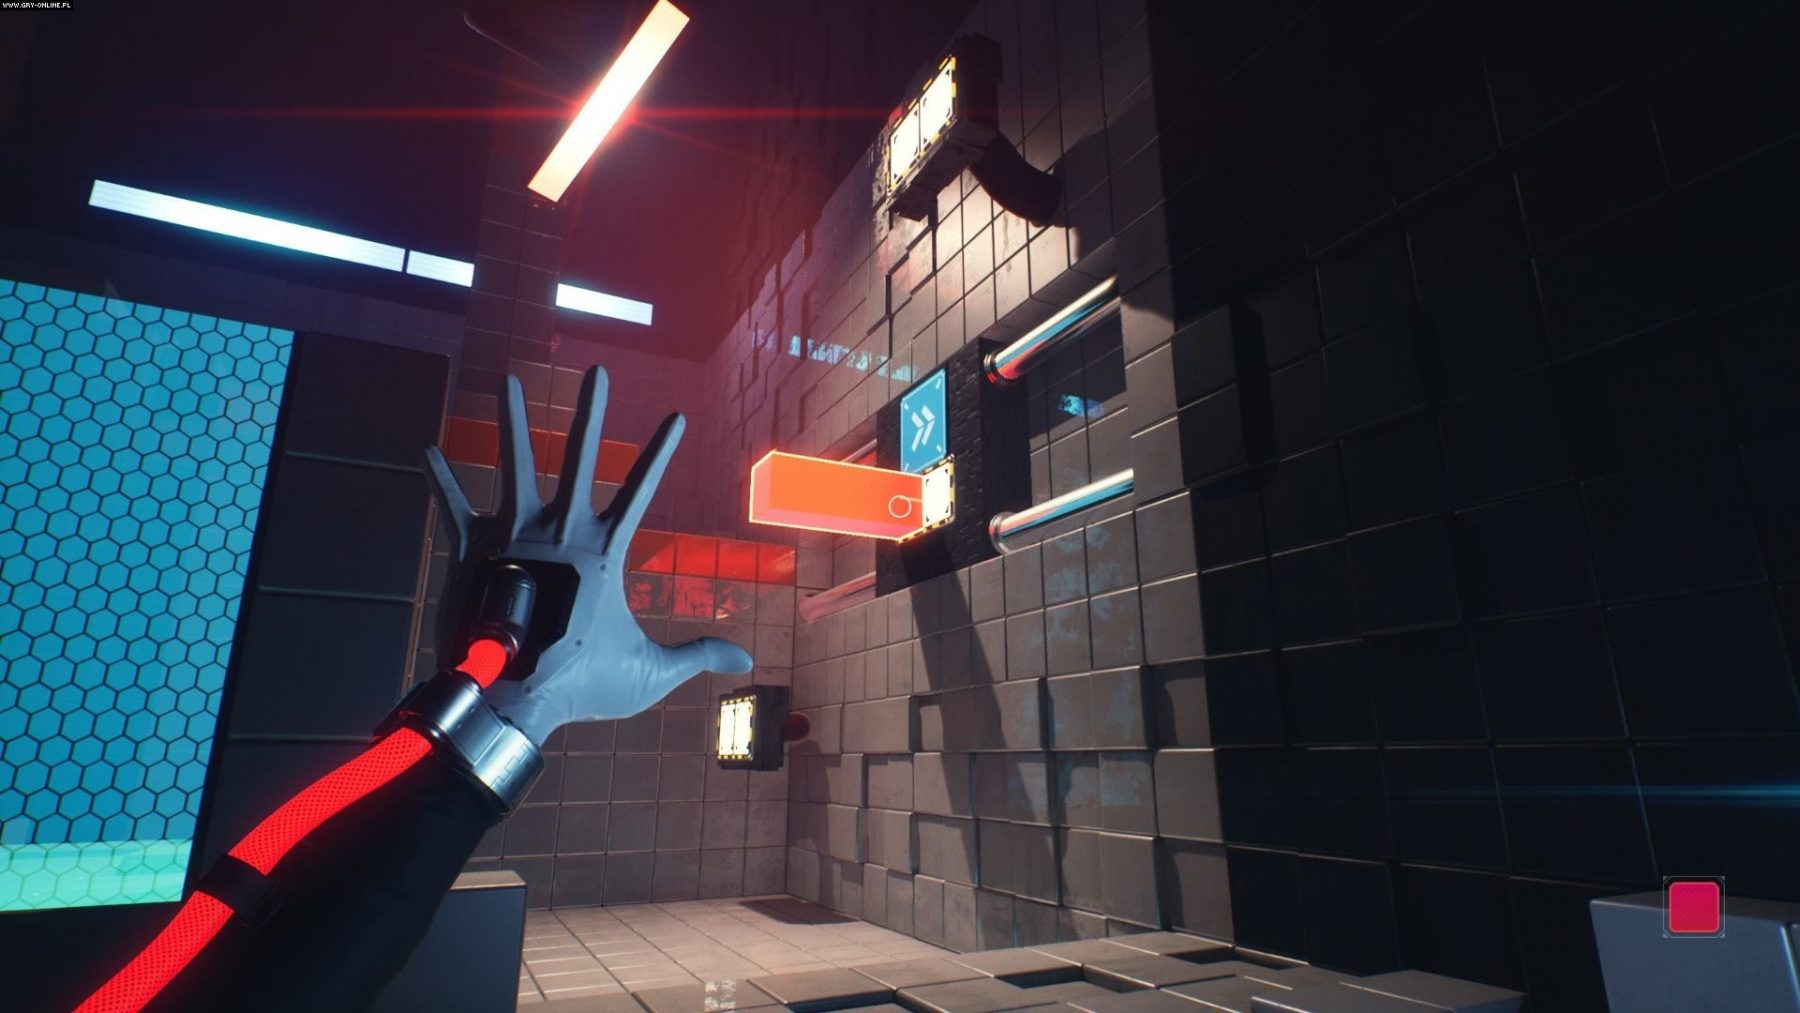 دانلود بازی Q.U.B.E. 2 Lost Orbit برای کامپیوتر + نسخه فشرده FitGirl